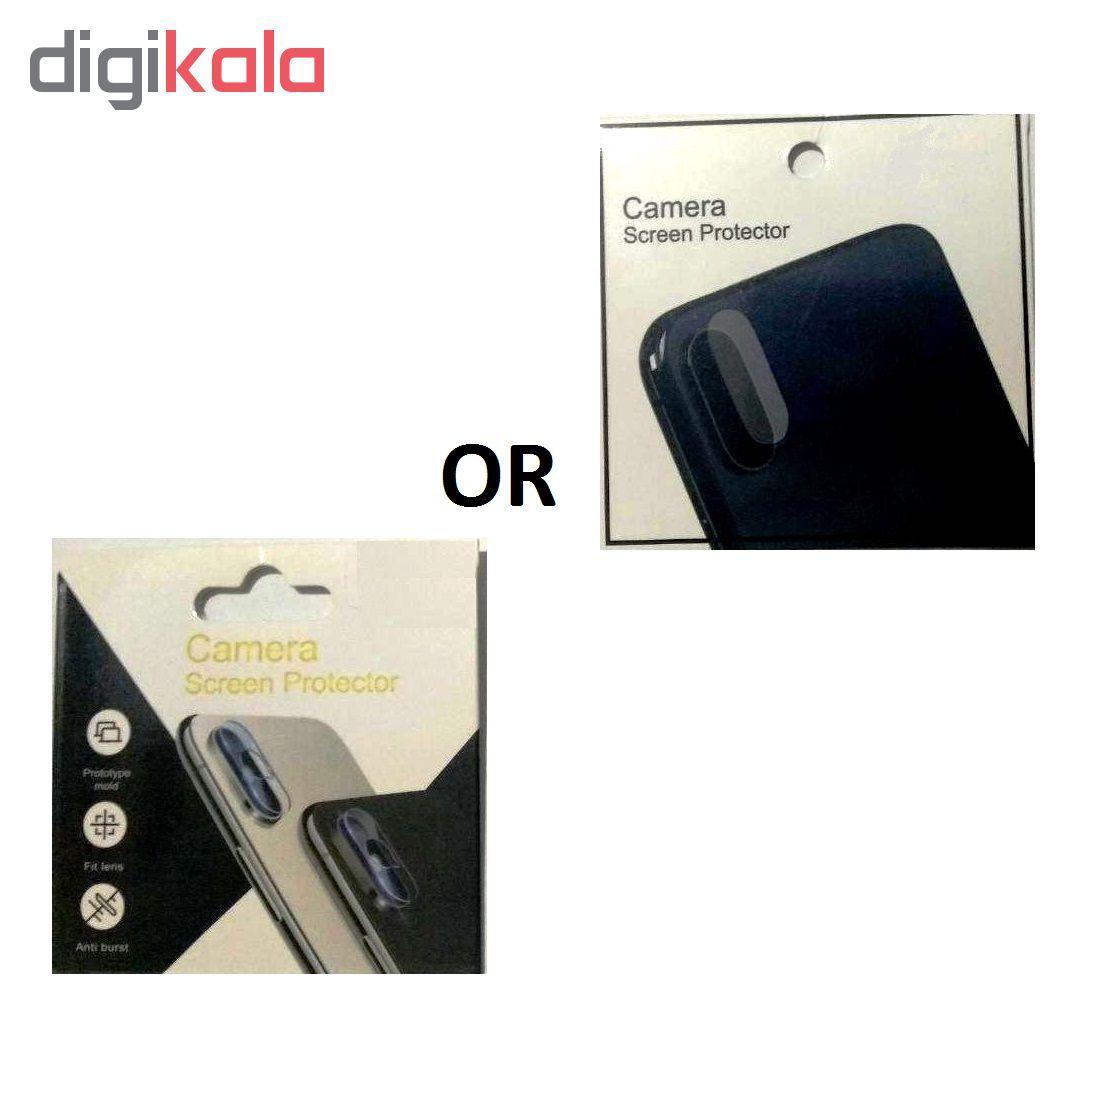 محافظ لنز شیشه ای دوربین مدل Camera Screen Protector مناسب برای گوشی موبایل آیفون 7/8 main 1 2